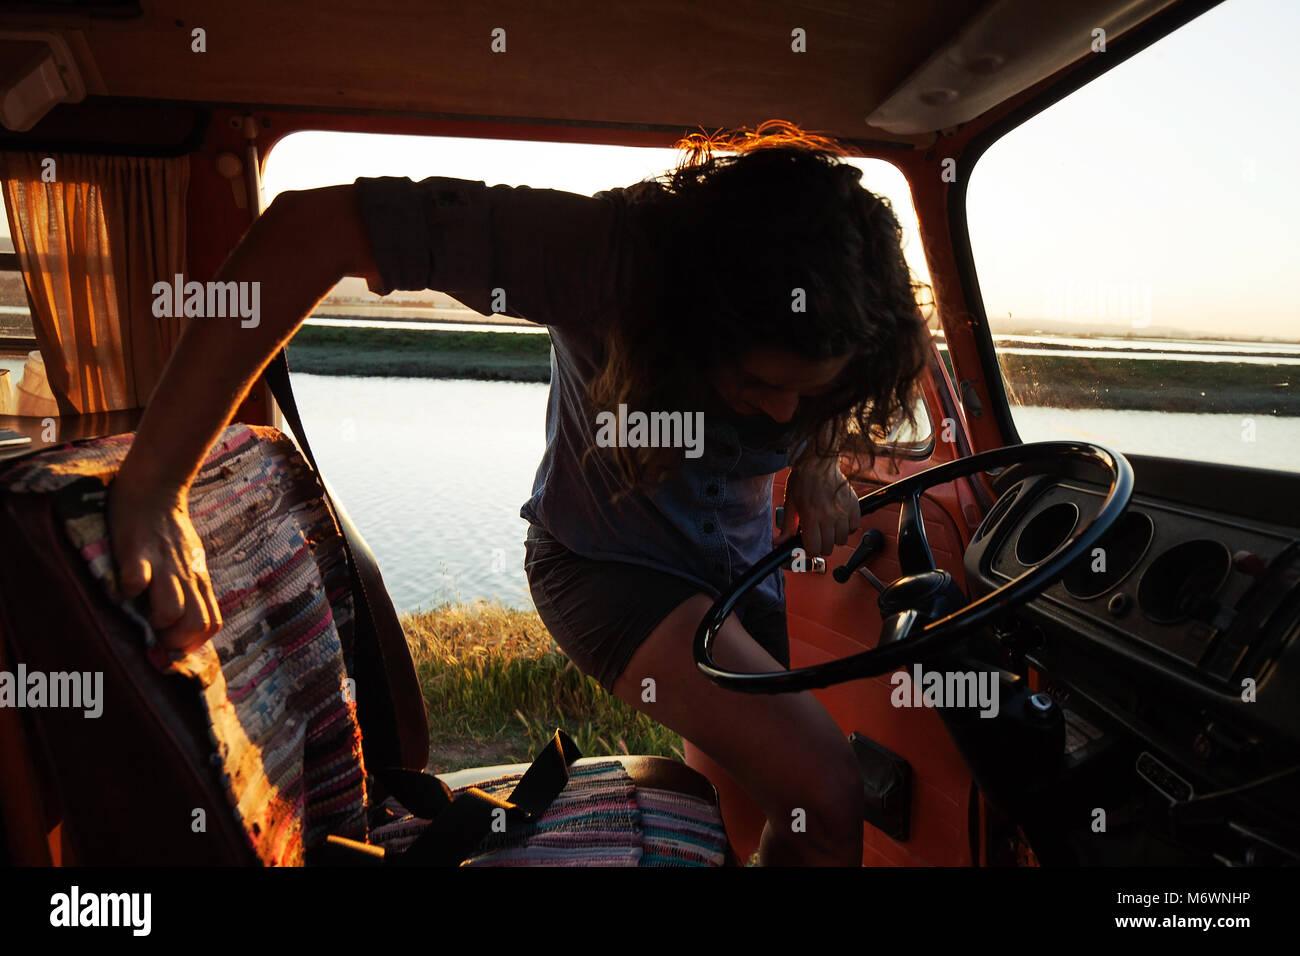 Woman in her van - Stock Image